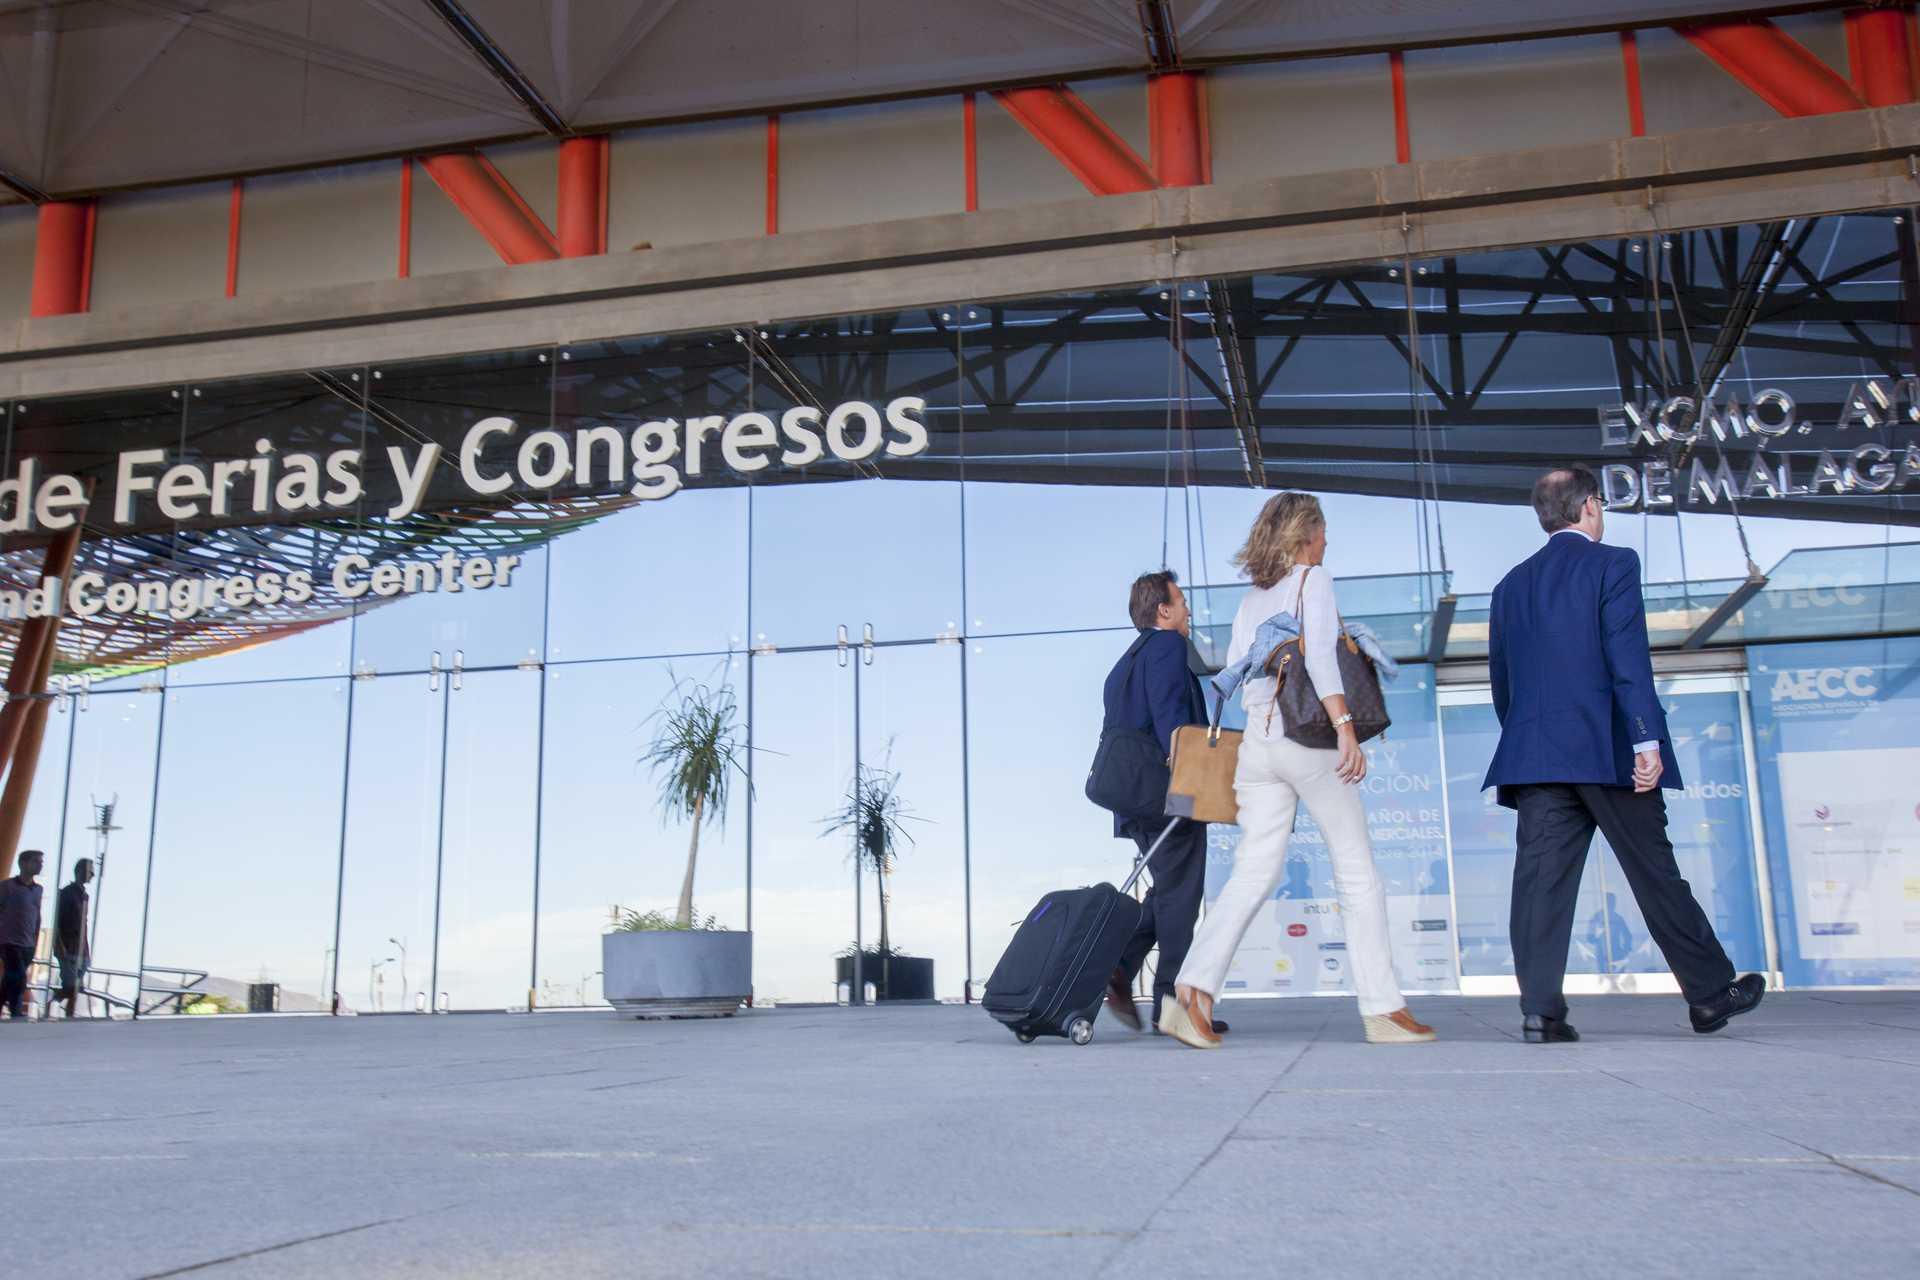 Reuniones y Congresos